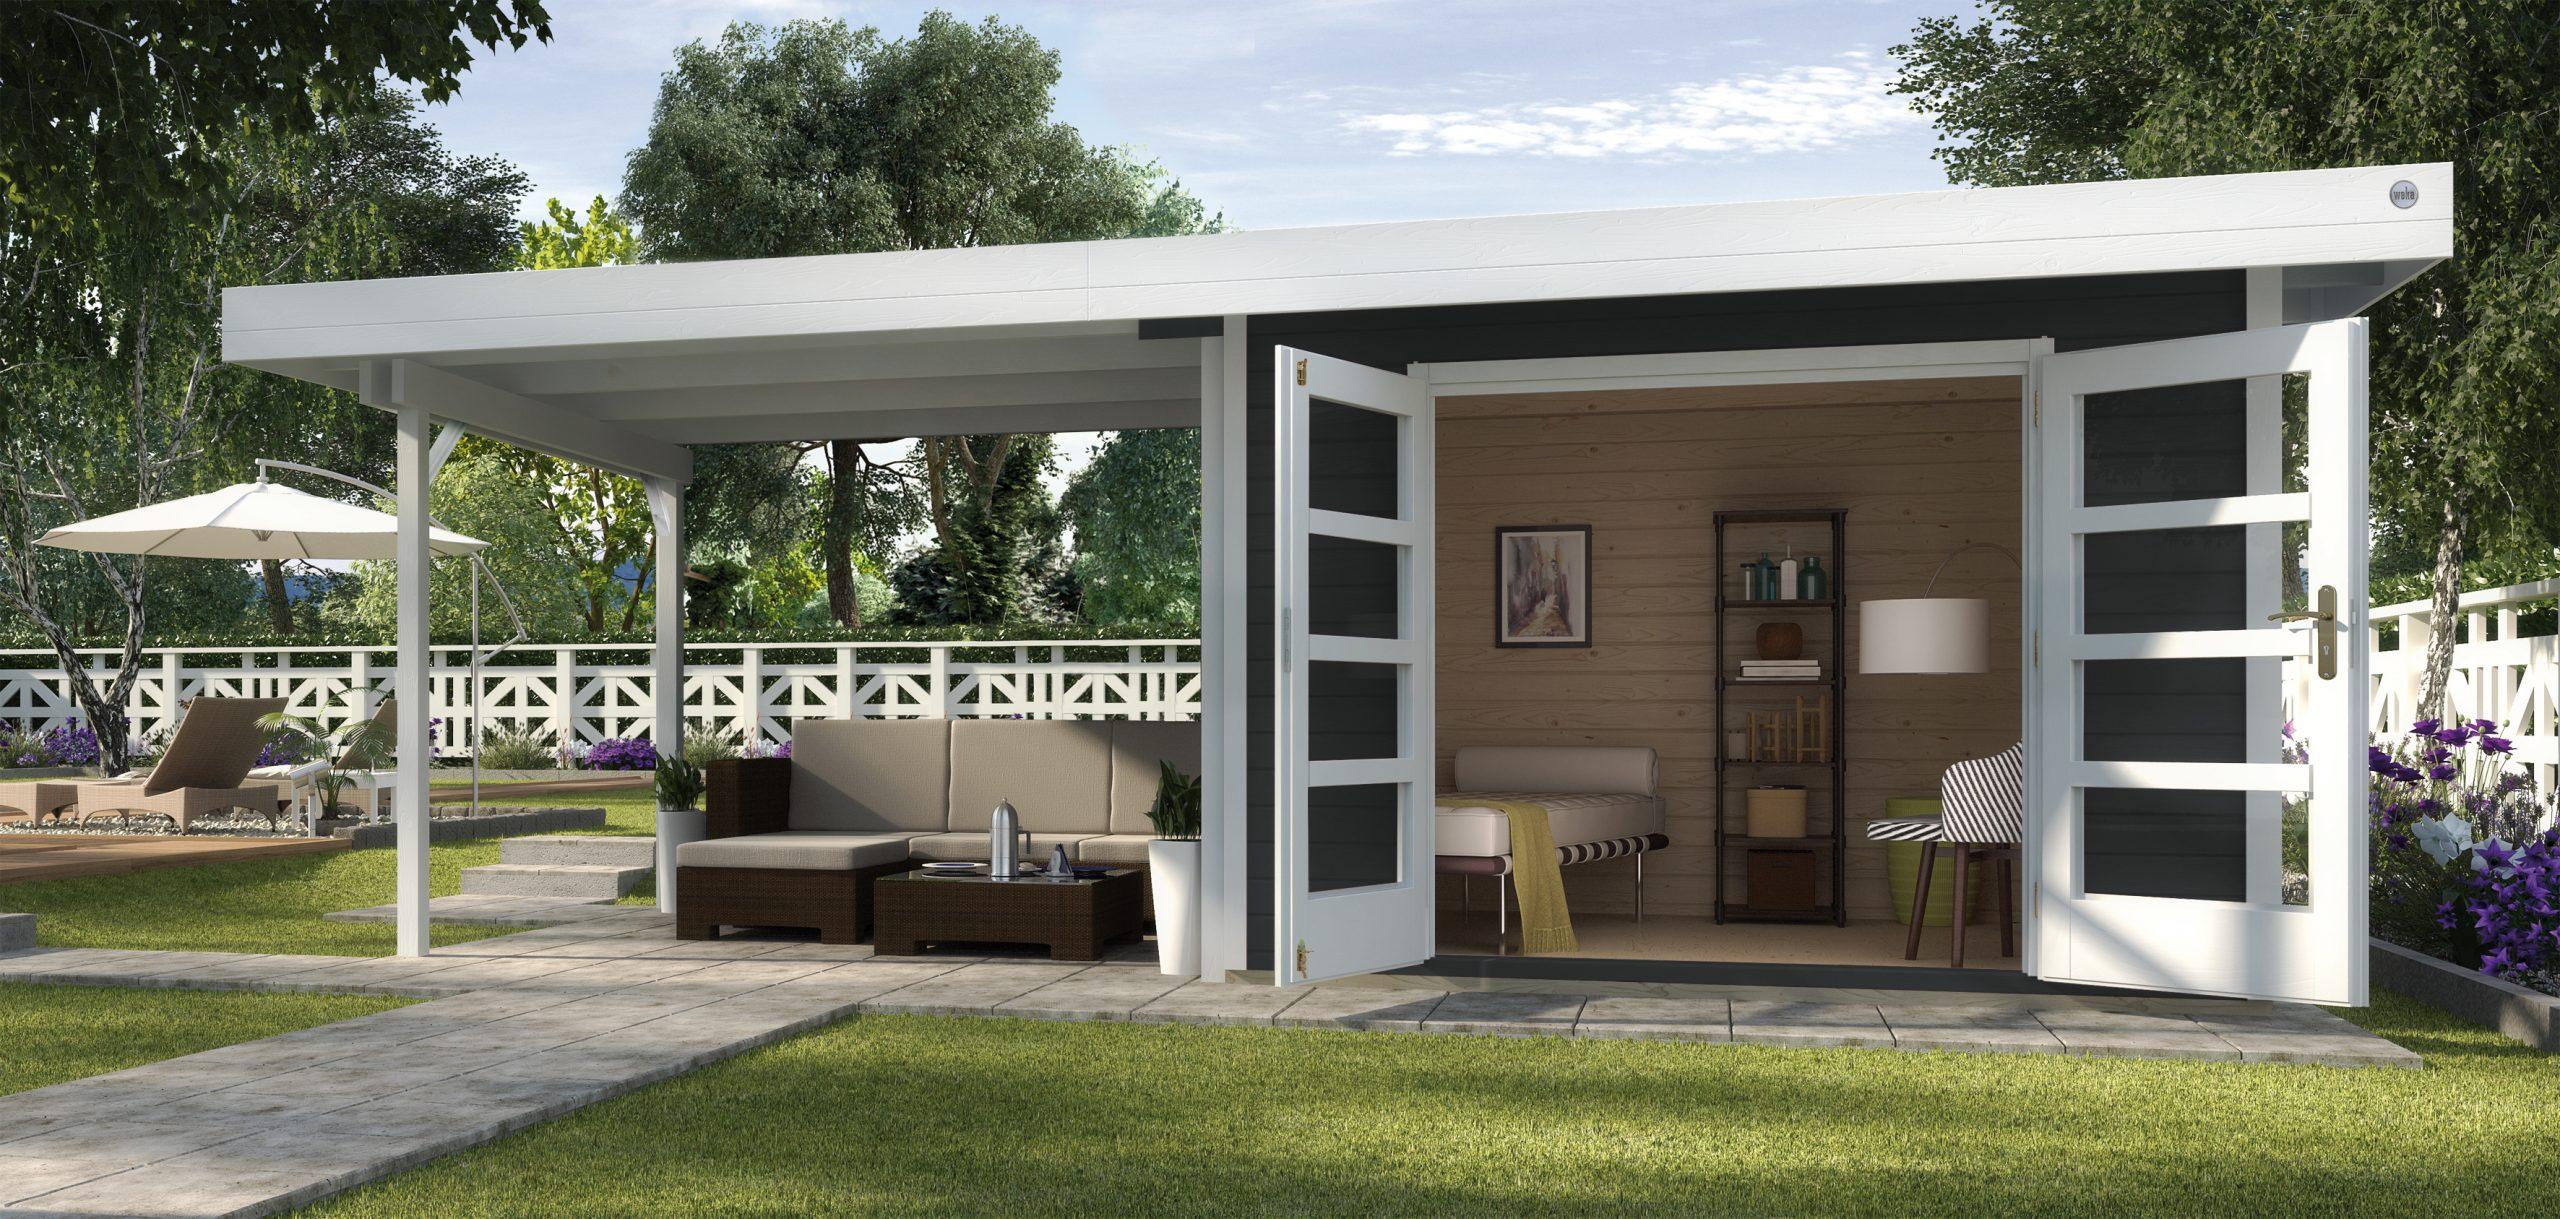 Abri De Jardin Design Toit Plat Avec Auvent - Abri Bois De 10 À 15 M² Nea  Concept pour Abri Avec Auvent